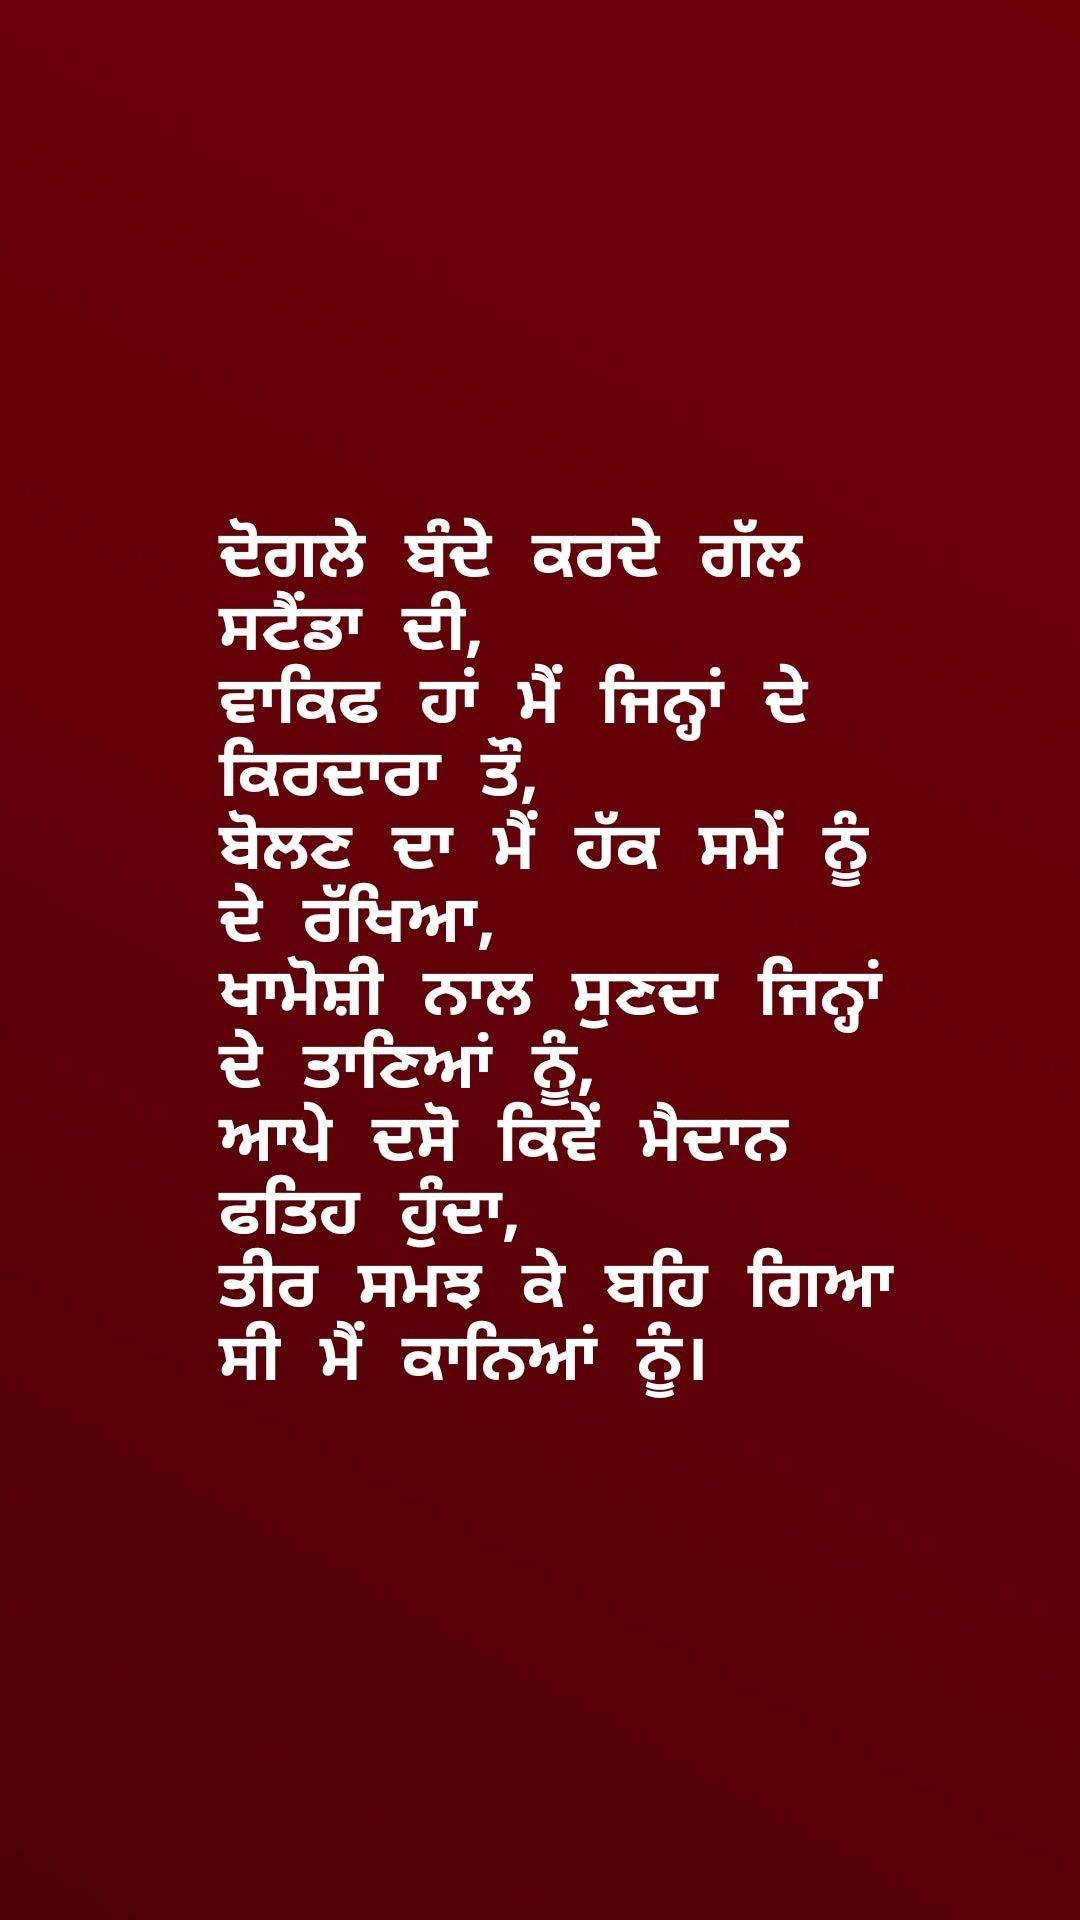 Punjabi motivation  Punjabi love quotes, Betrayal quotes, Fake